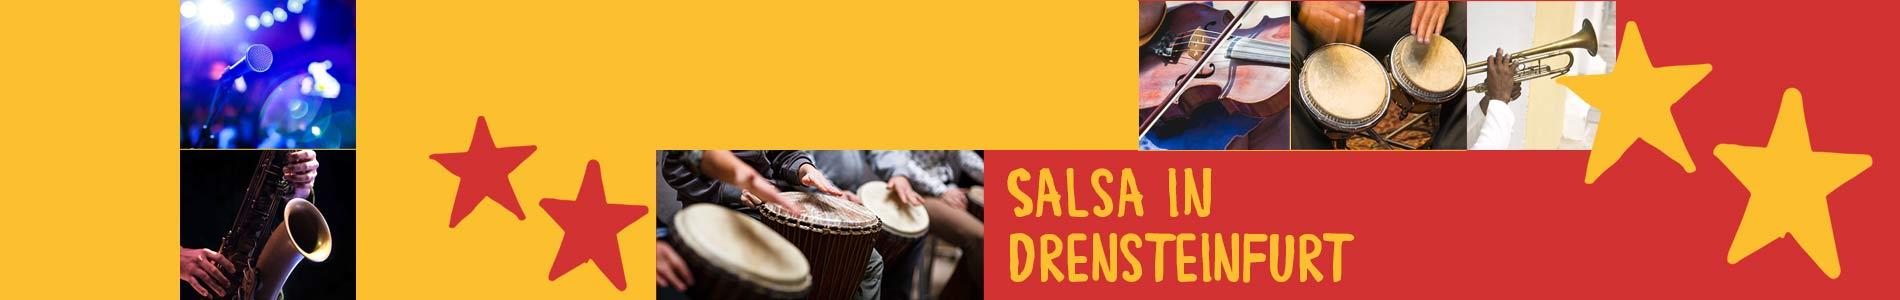 Salsa in Drensteinfurt – Salsa lernen und tanzen, Tanzkurse, Partys, Veranstaltungen